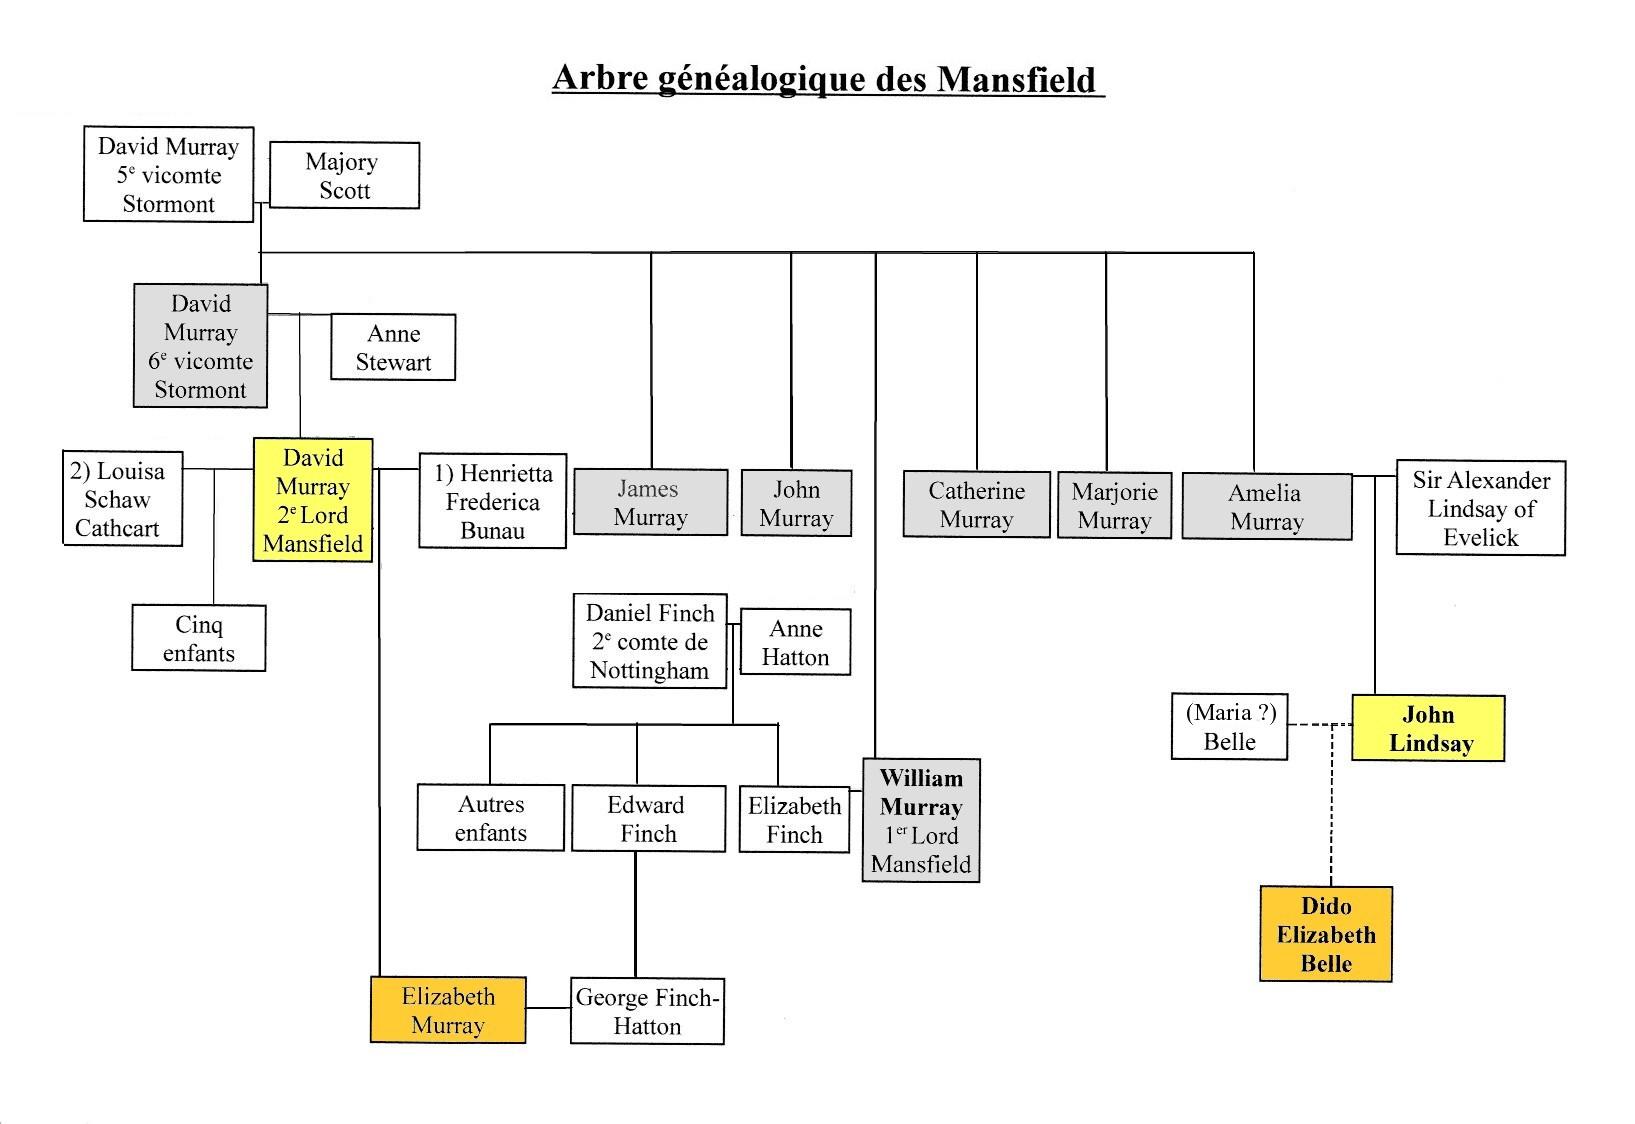 Fichier Arbre Genealogique Mansfield